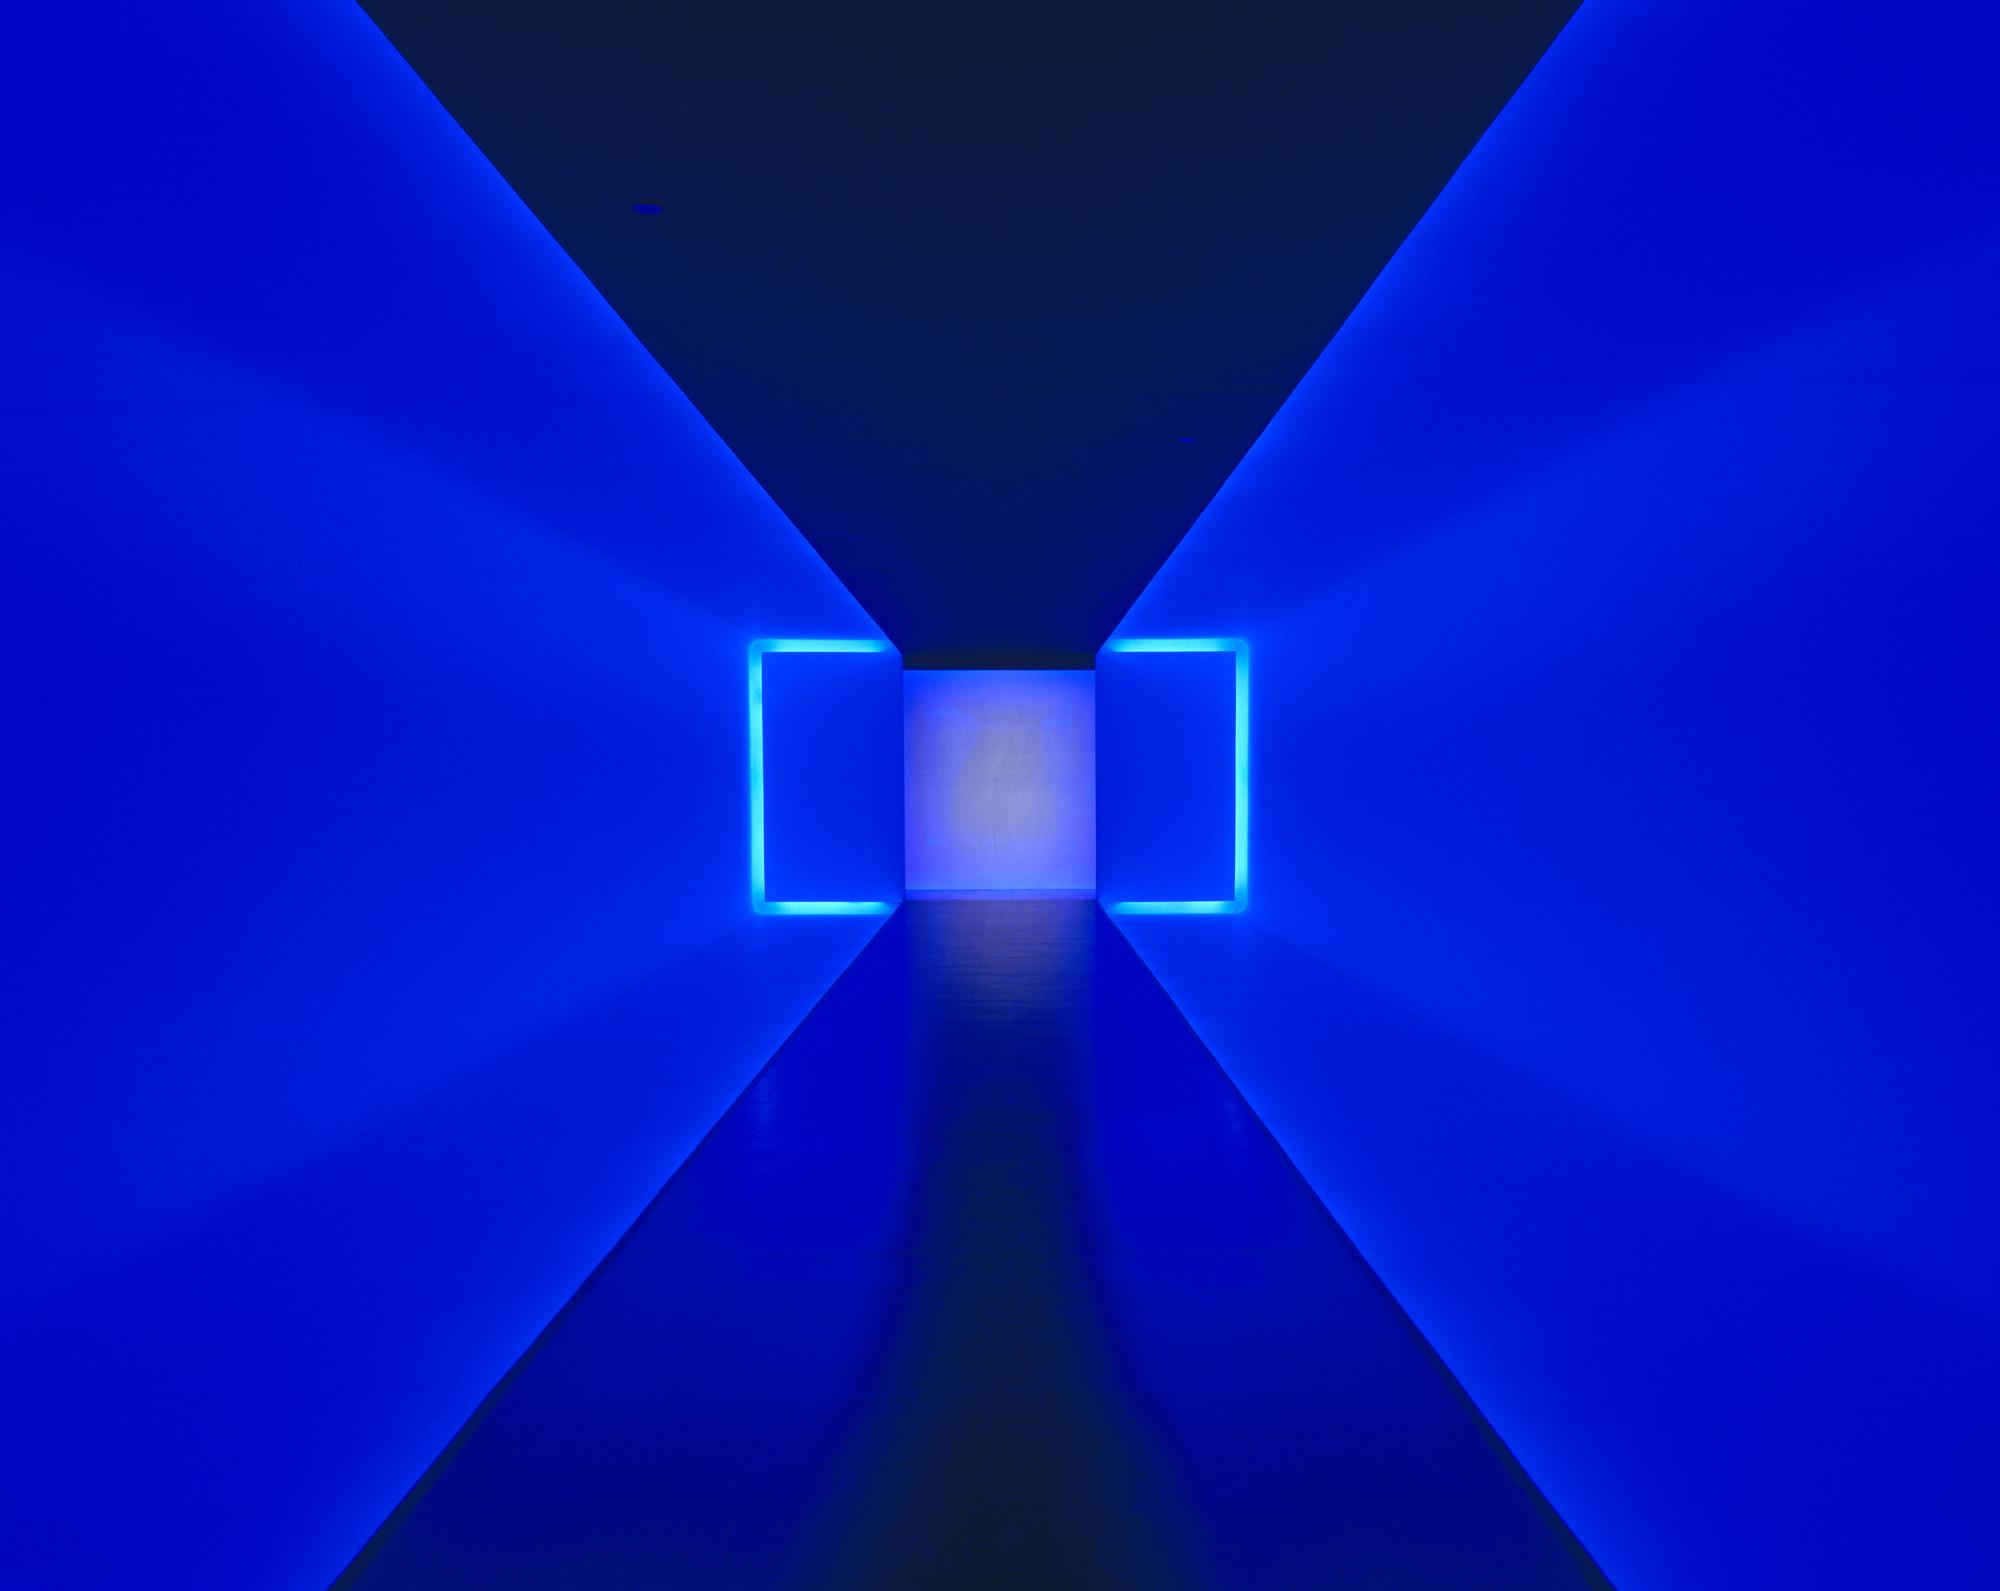 Light Blue Aesthetic Grunge Wallpaper